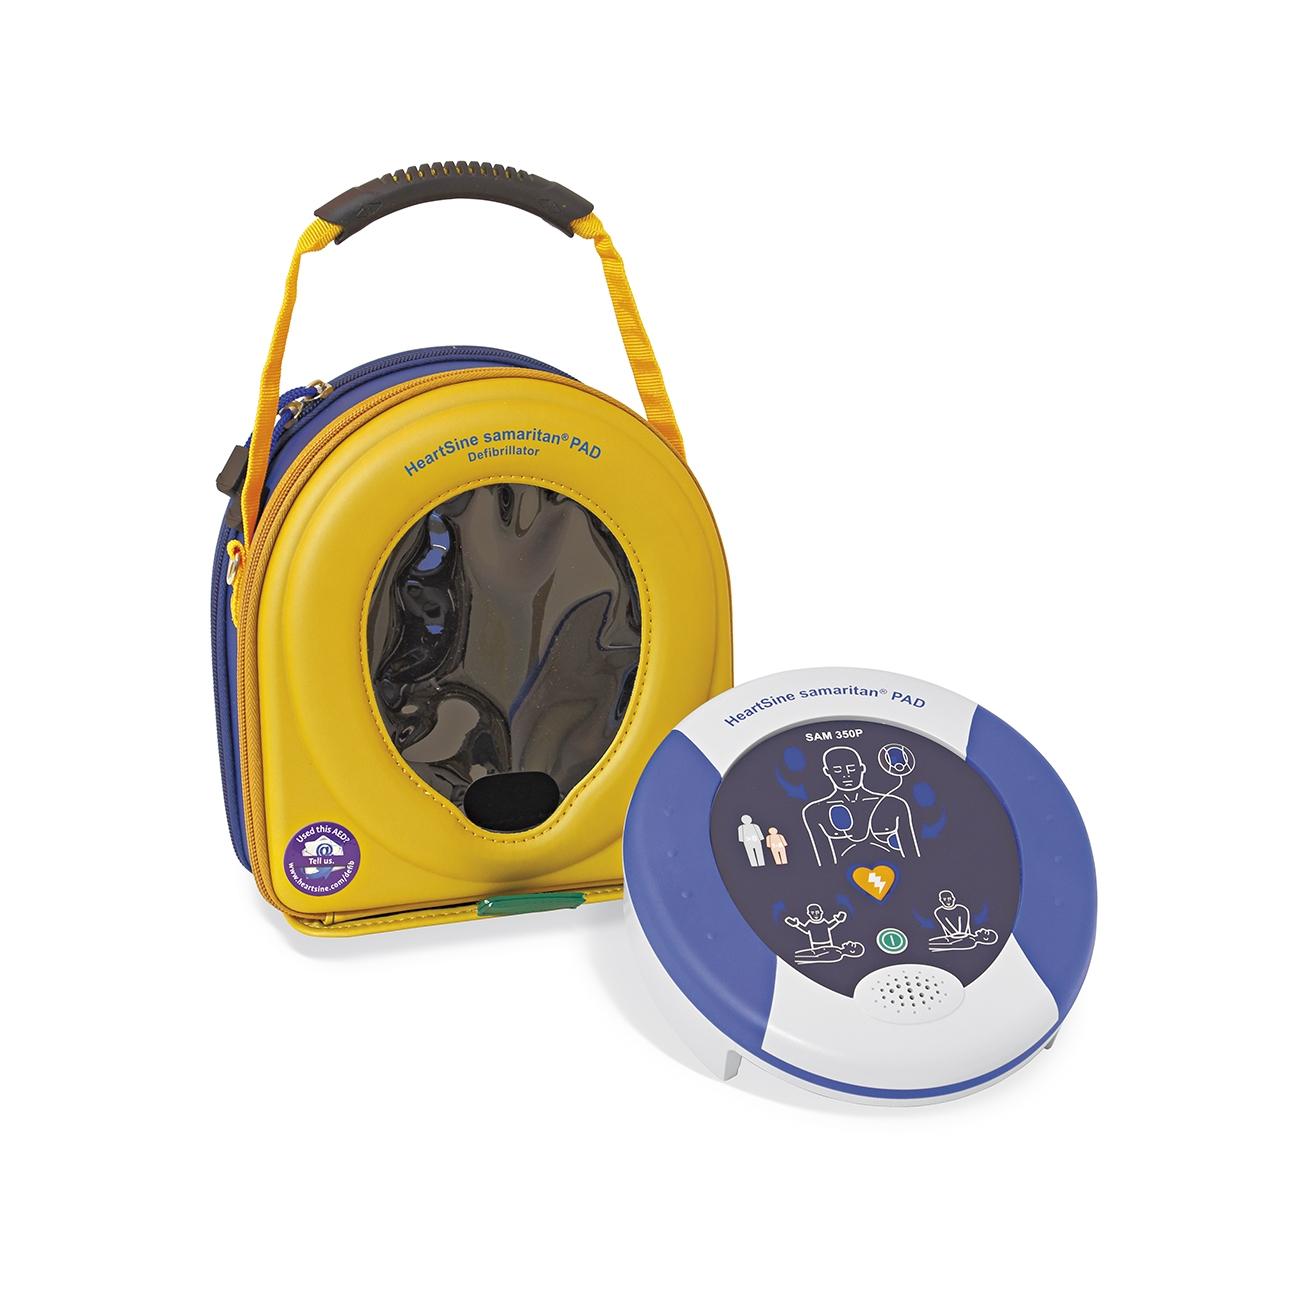 defibrillatore_semiautomatico_samaritan